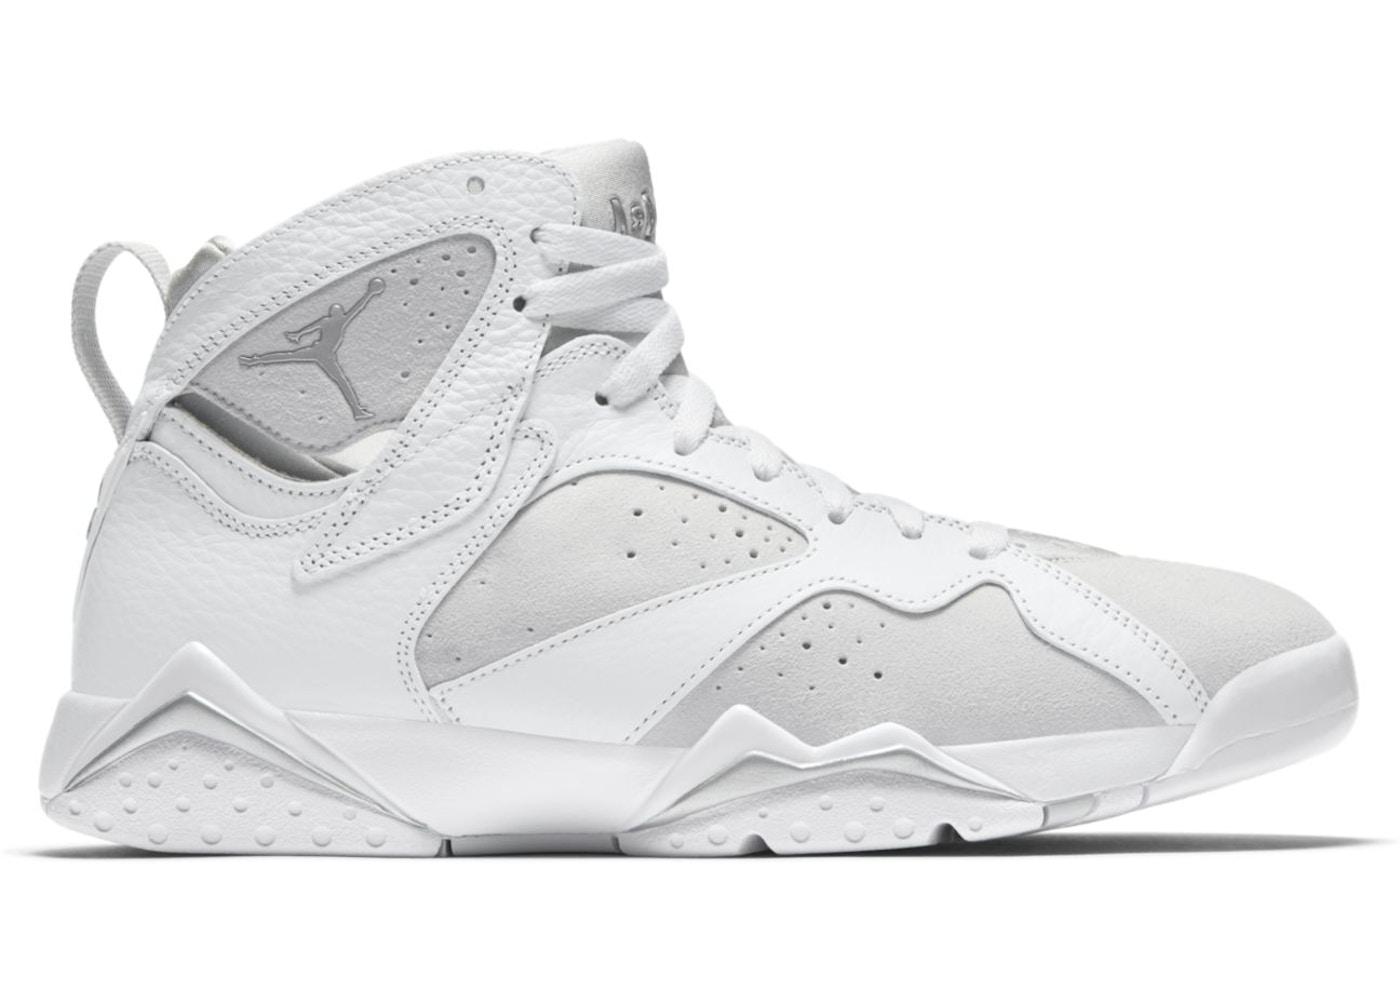 71b5c3ab59b Buy Air Jordan 7 Shoes & Deadstock Sneakers